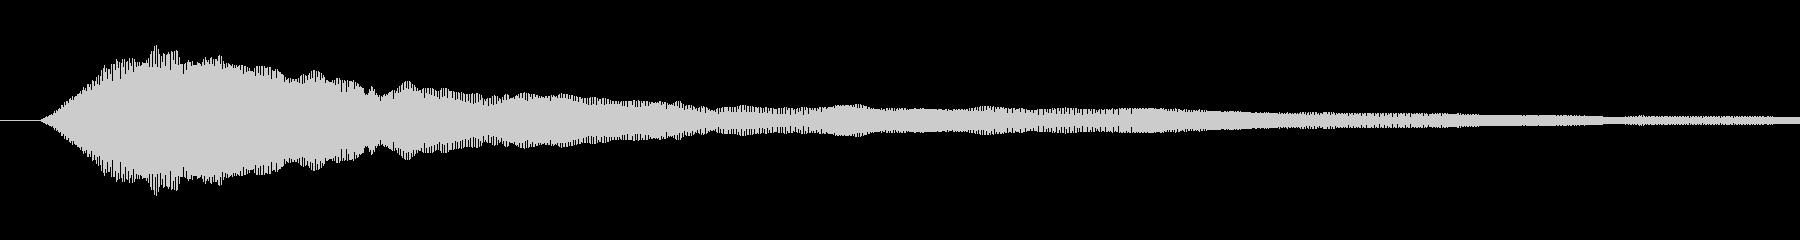 疾走感のあるミステリアスなエスニック の未再生の波形